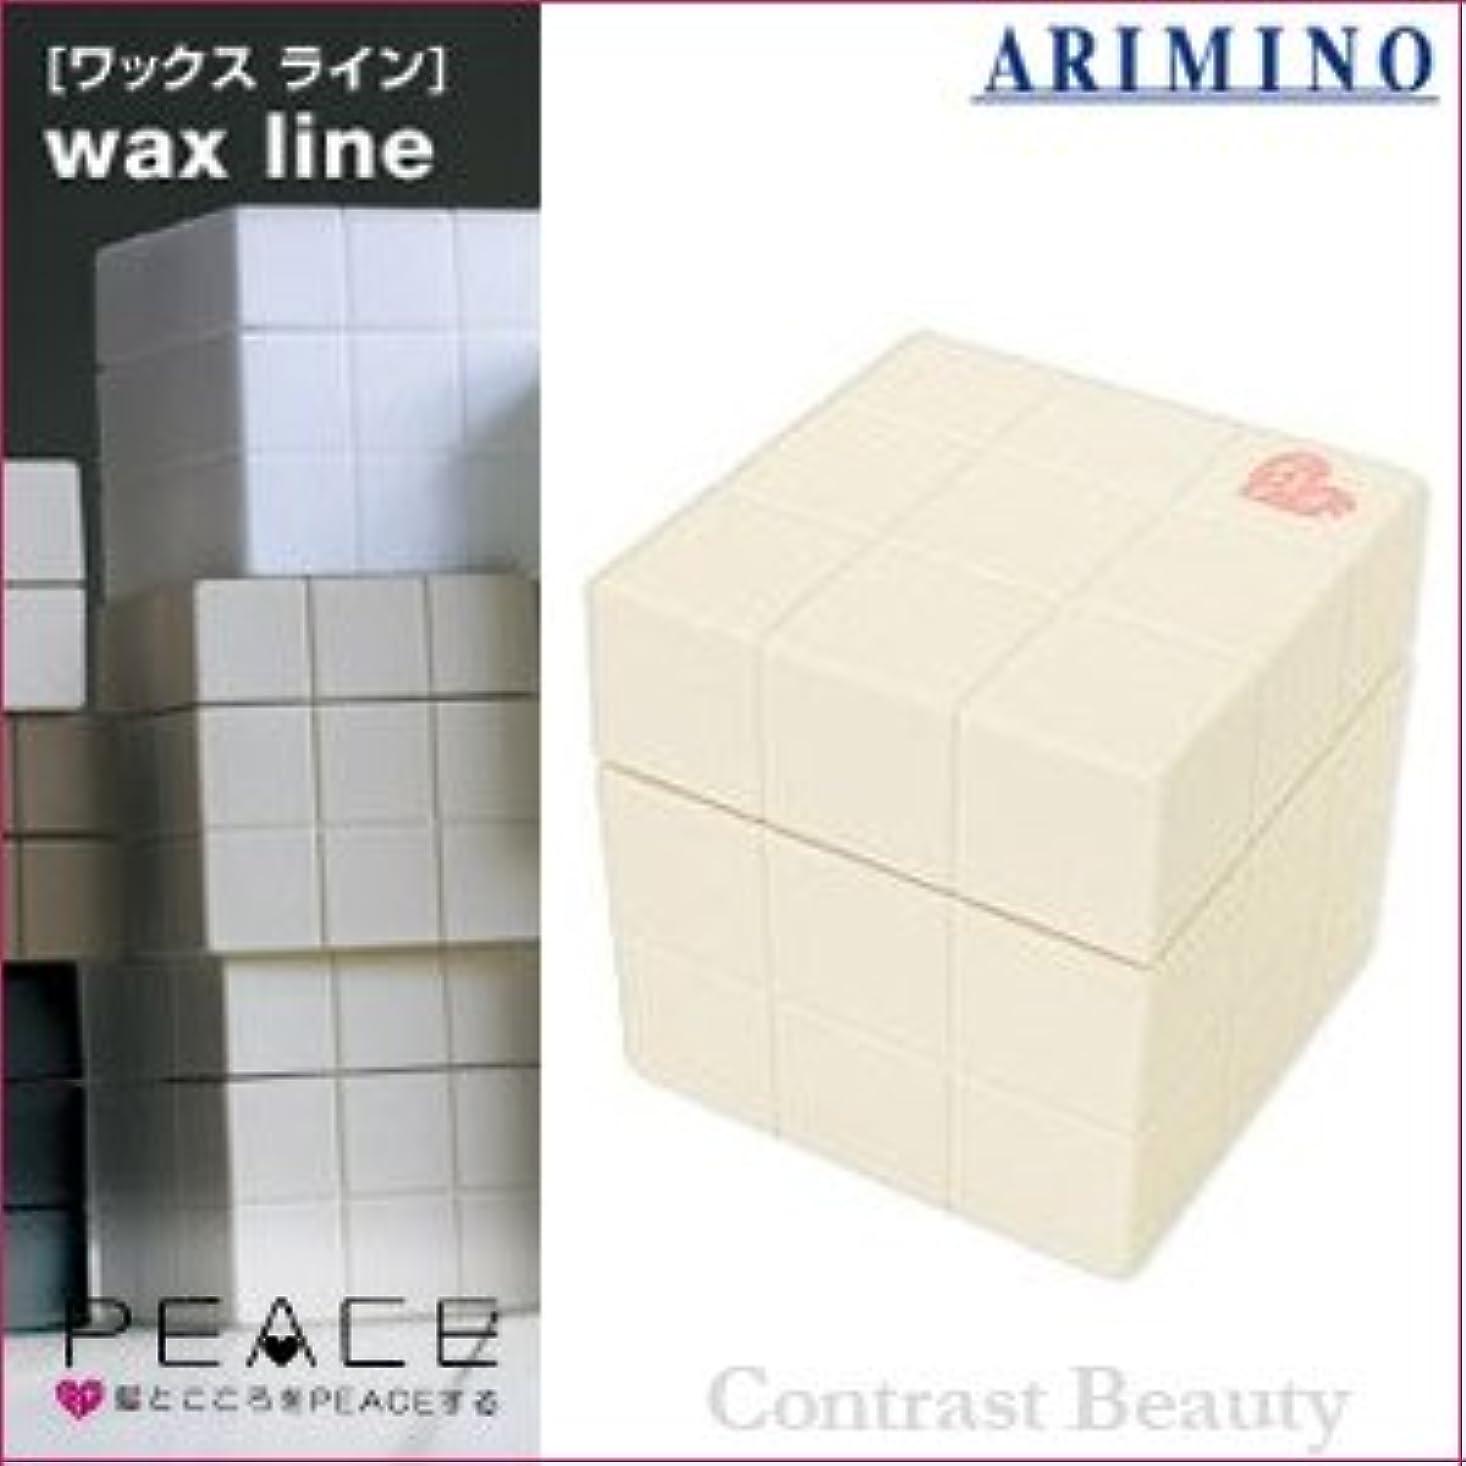 チャレンジ財政なしで【x2個セット】 アリミノ ピース プロデザインシリーズ ニュアンスワックス バニラ 80g